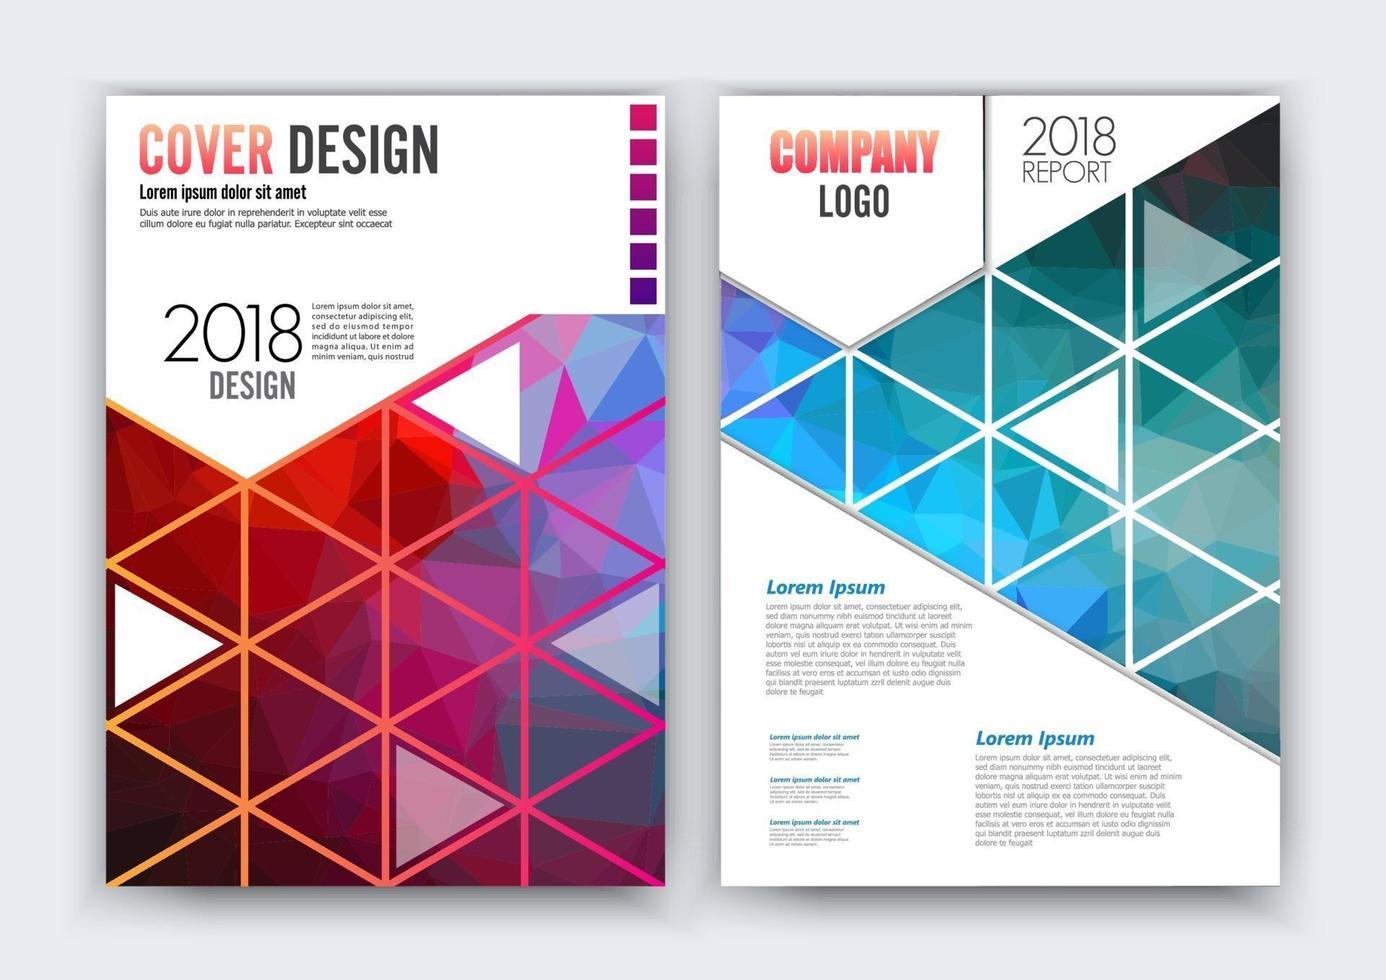 modèle de mise en page de conception flyer brochure vecteur, format a4. conception de courbe, mise en page élégante avec espace pour le texte et les images. vecteur